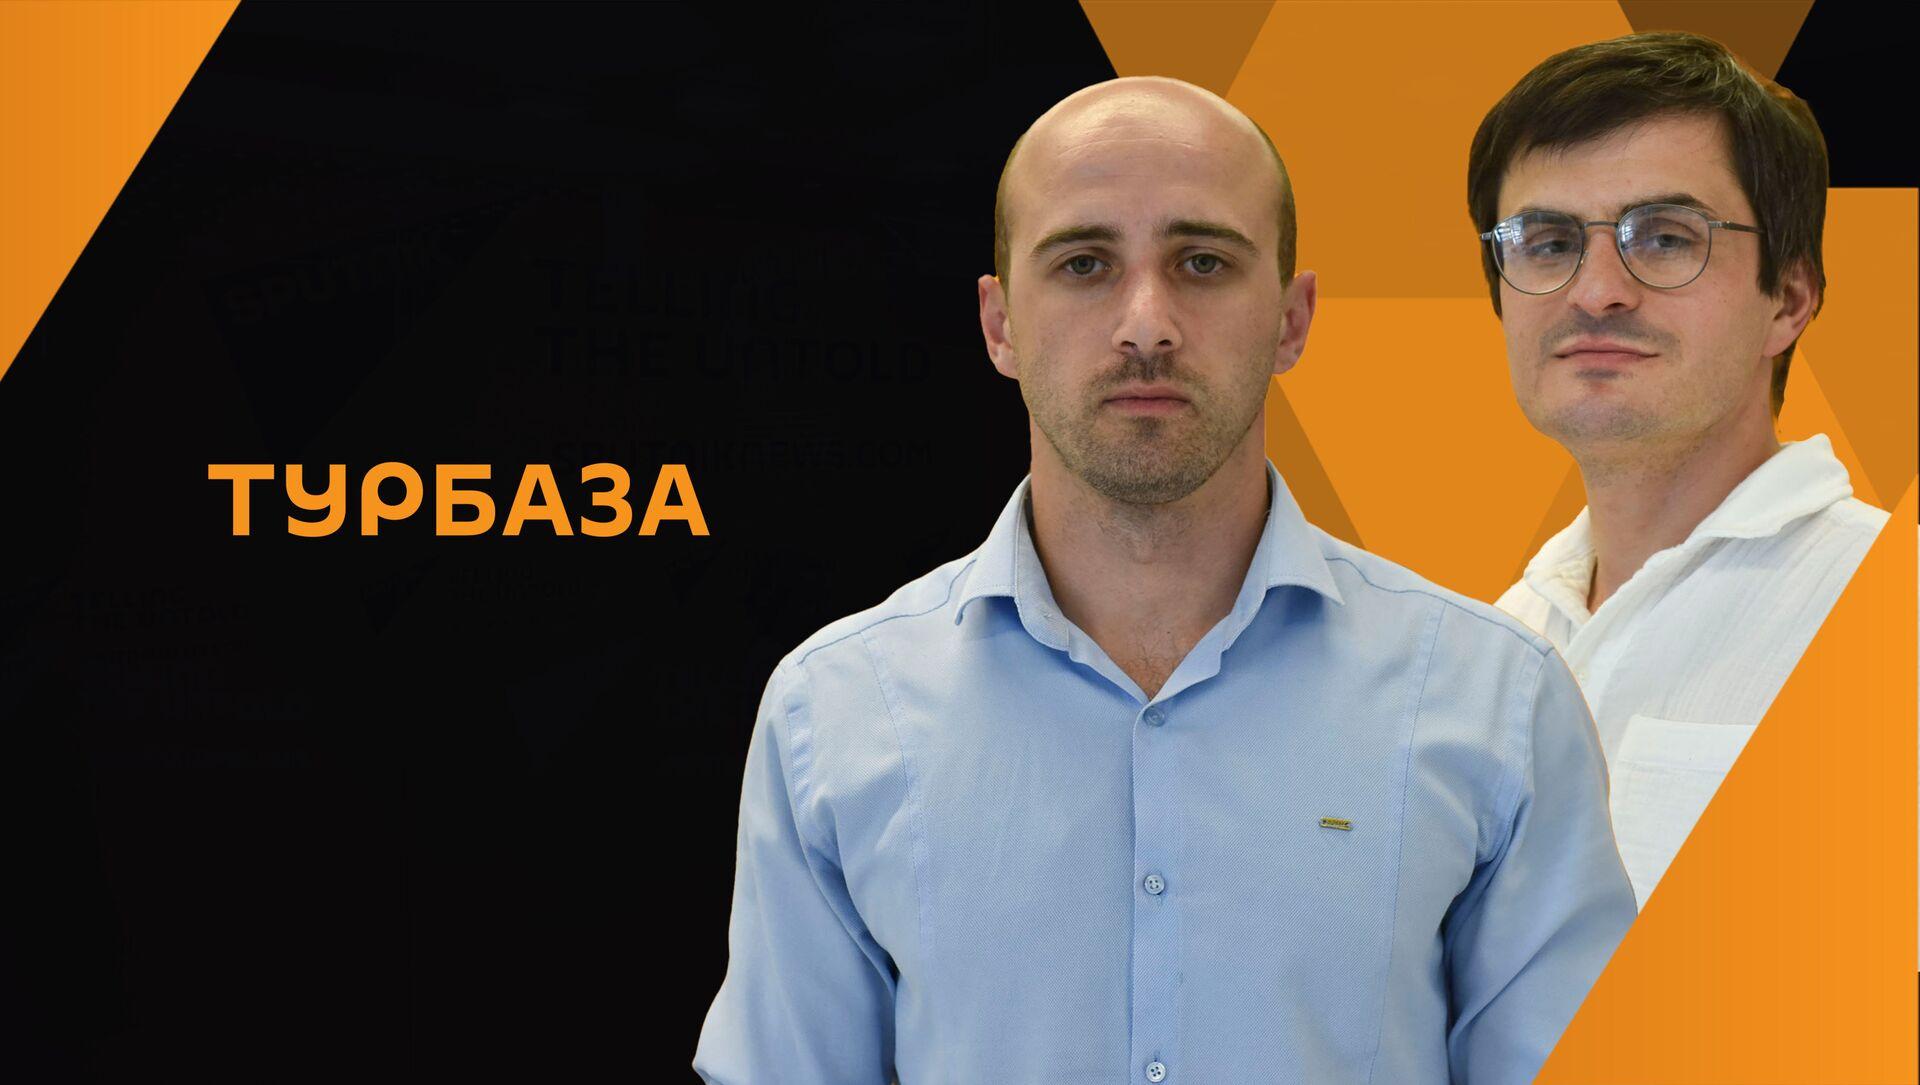 Турбаза: Мукба и Аршба об итогах туристического лета в Абхазии - Sputnik Абхазия, 1920, 26.08.2021